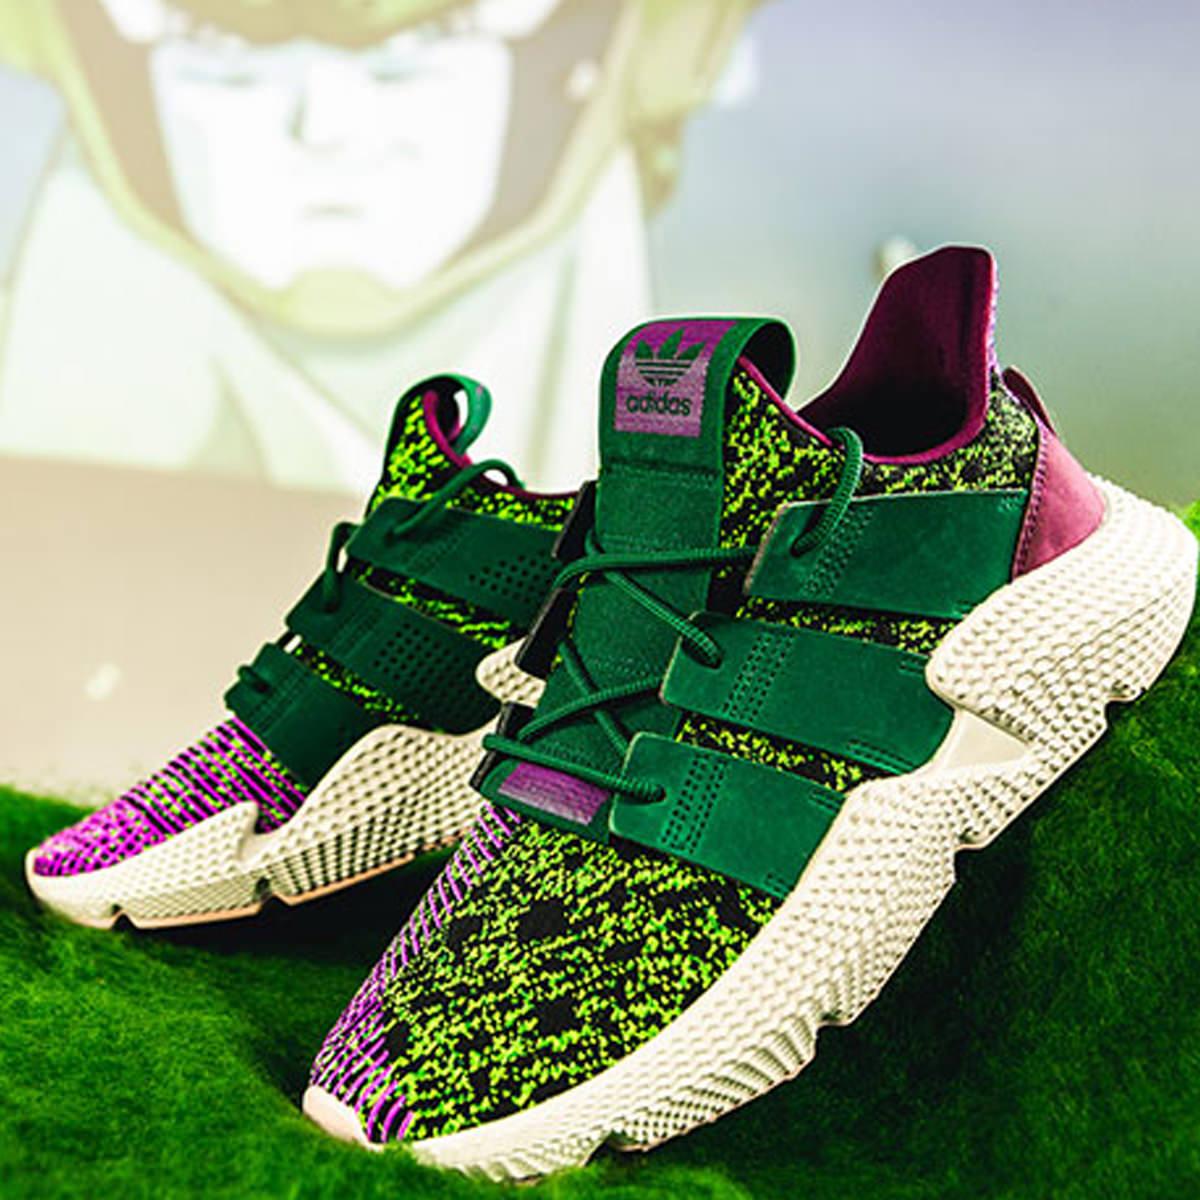 adidas Dragon Ball Z Prophere Celladidas Dragon Ball Z Prophere ...